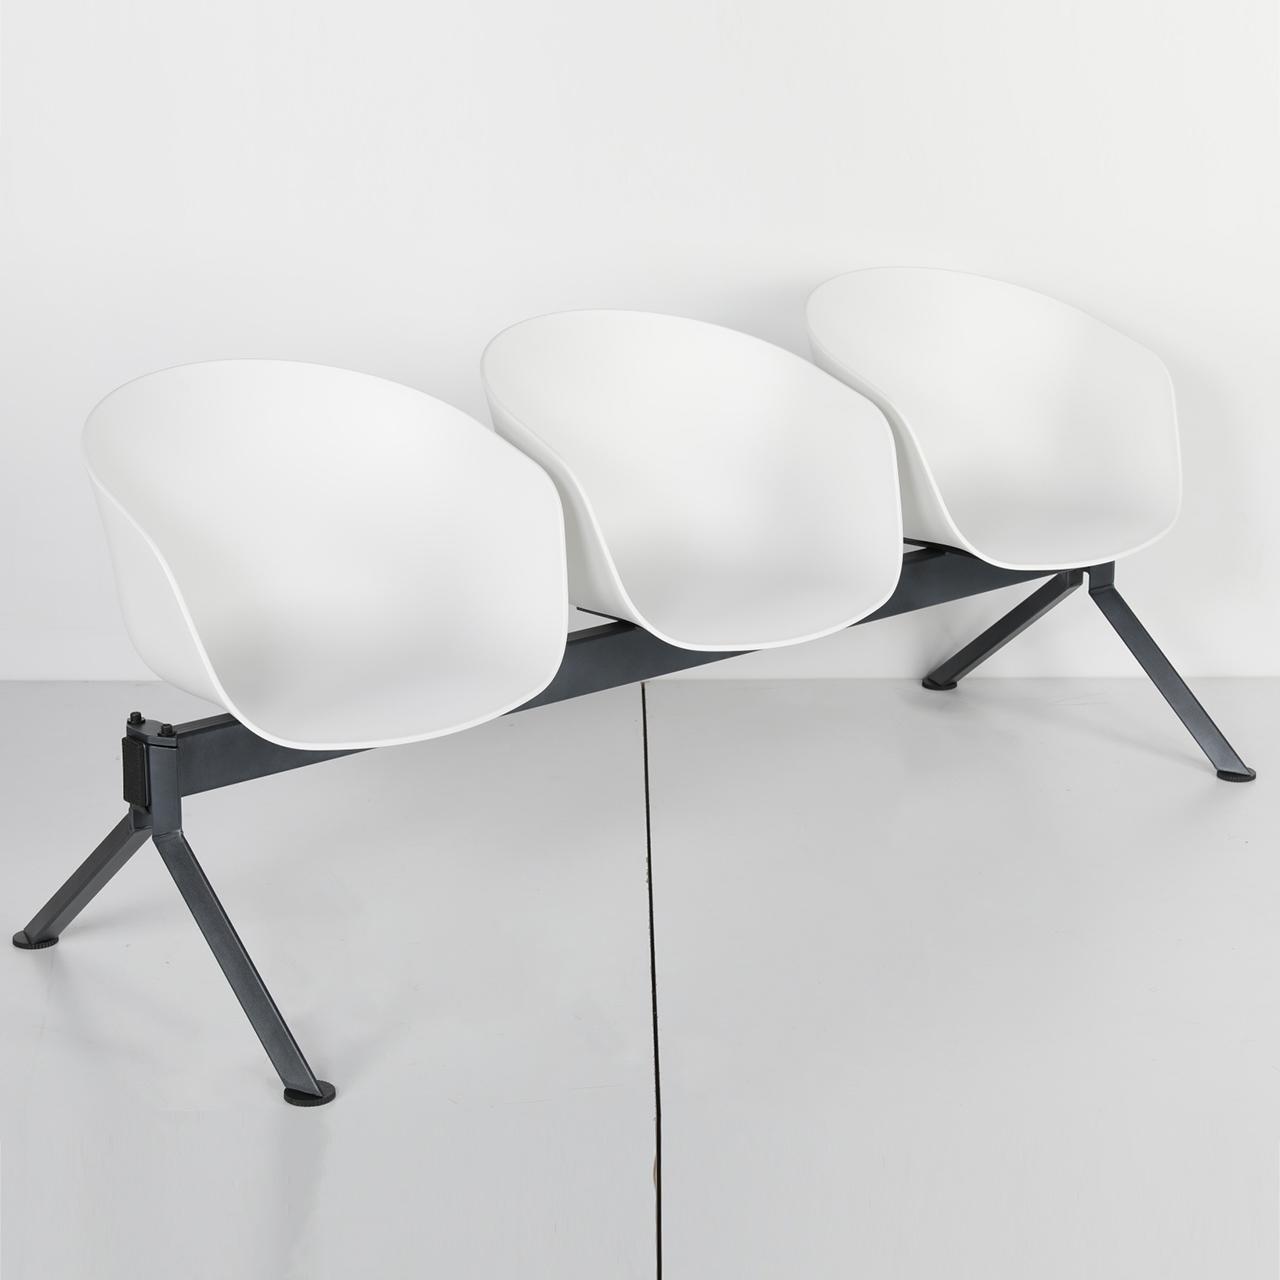 Üçlü Bekleme Plastik Sandalye Solid Sld 10